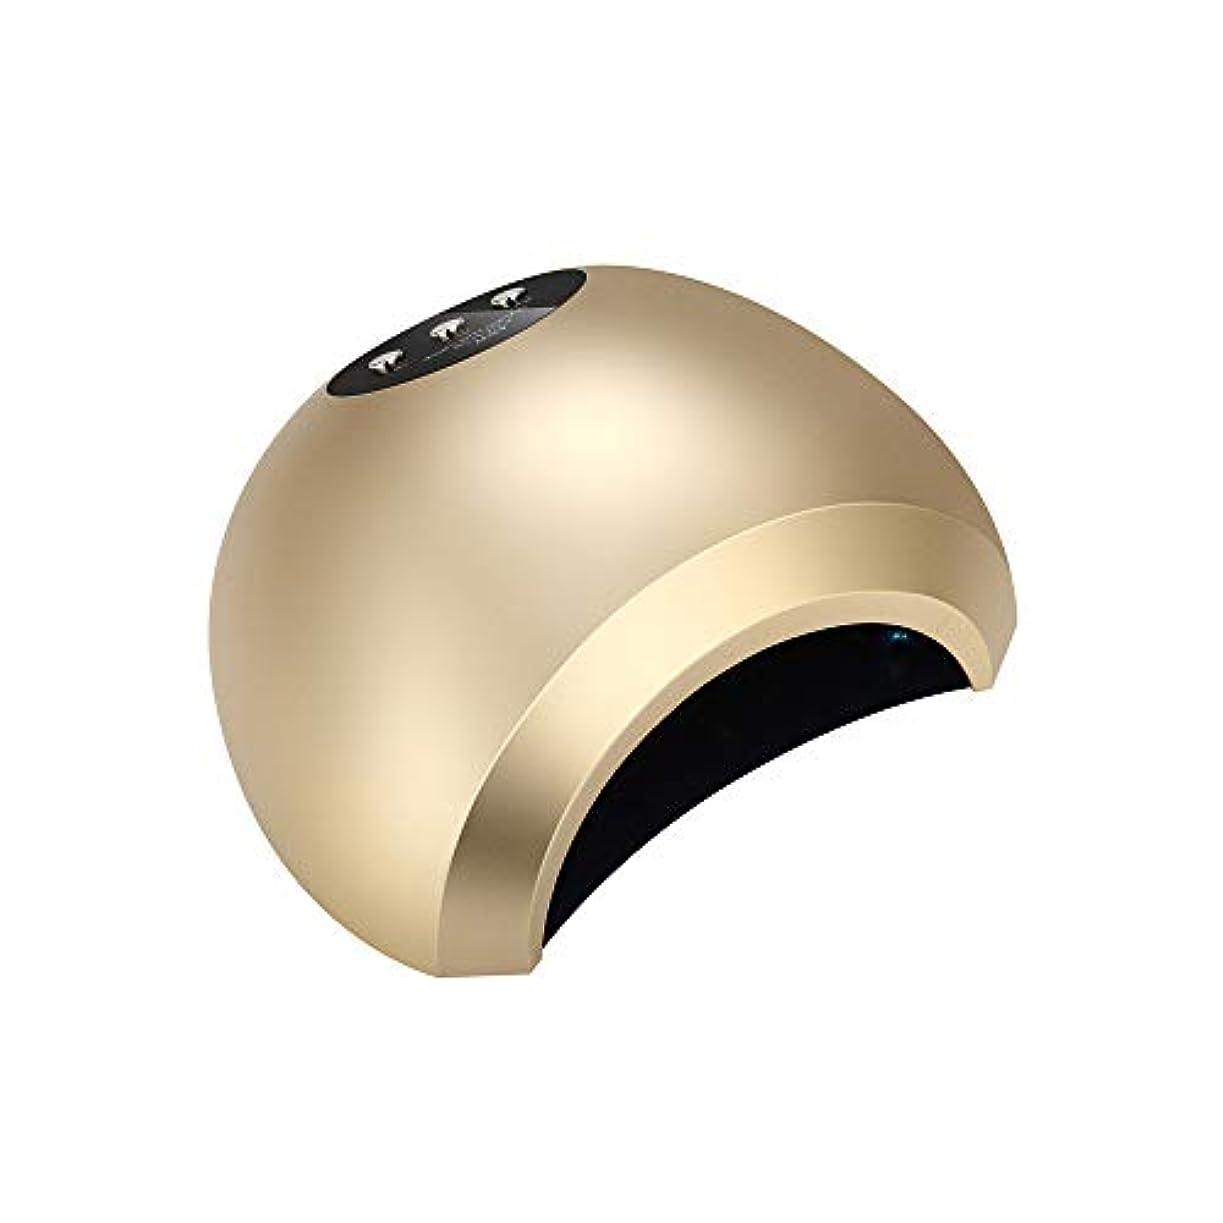 並外れてフライト粉砕する48Wインテリジェント誘導デュアル光源放熱無痛速乾性光線療法ランプネイルポリッシュグルーライト速乾性ドライヤーネイルポリッシュUVランプ